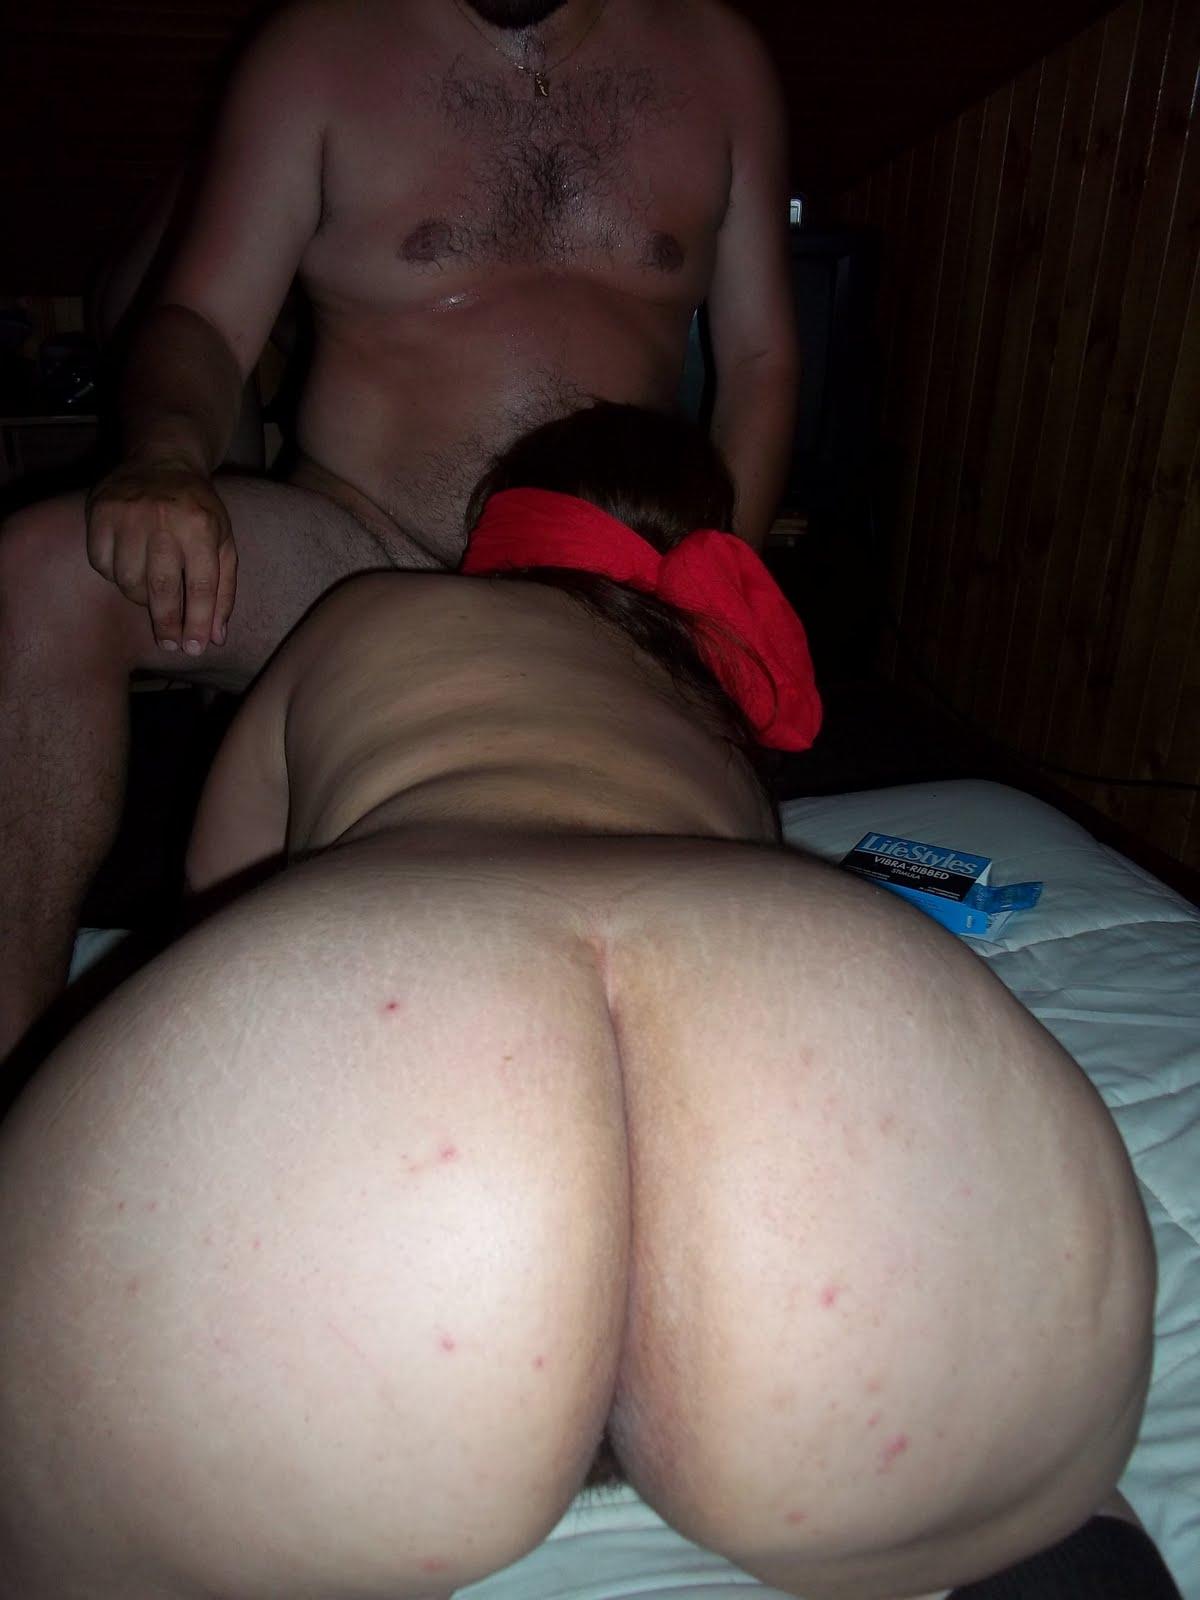 club amigo sexo